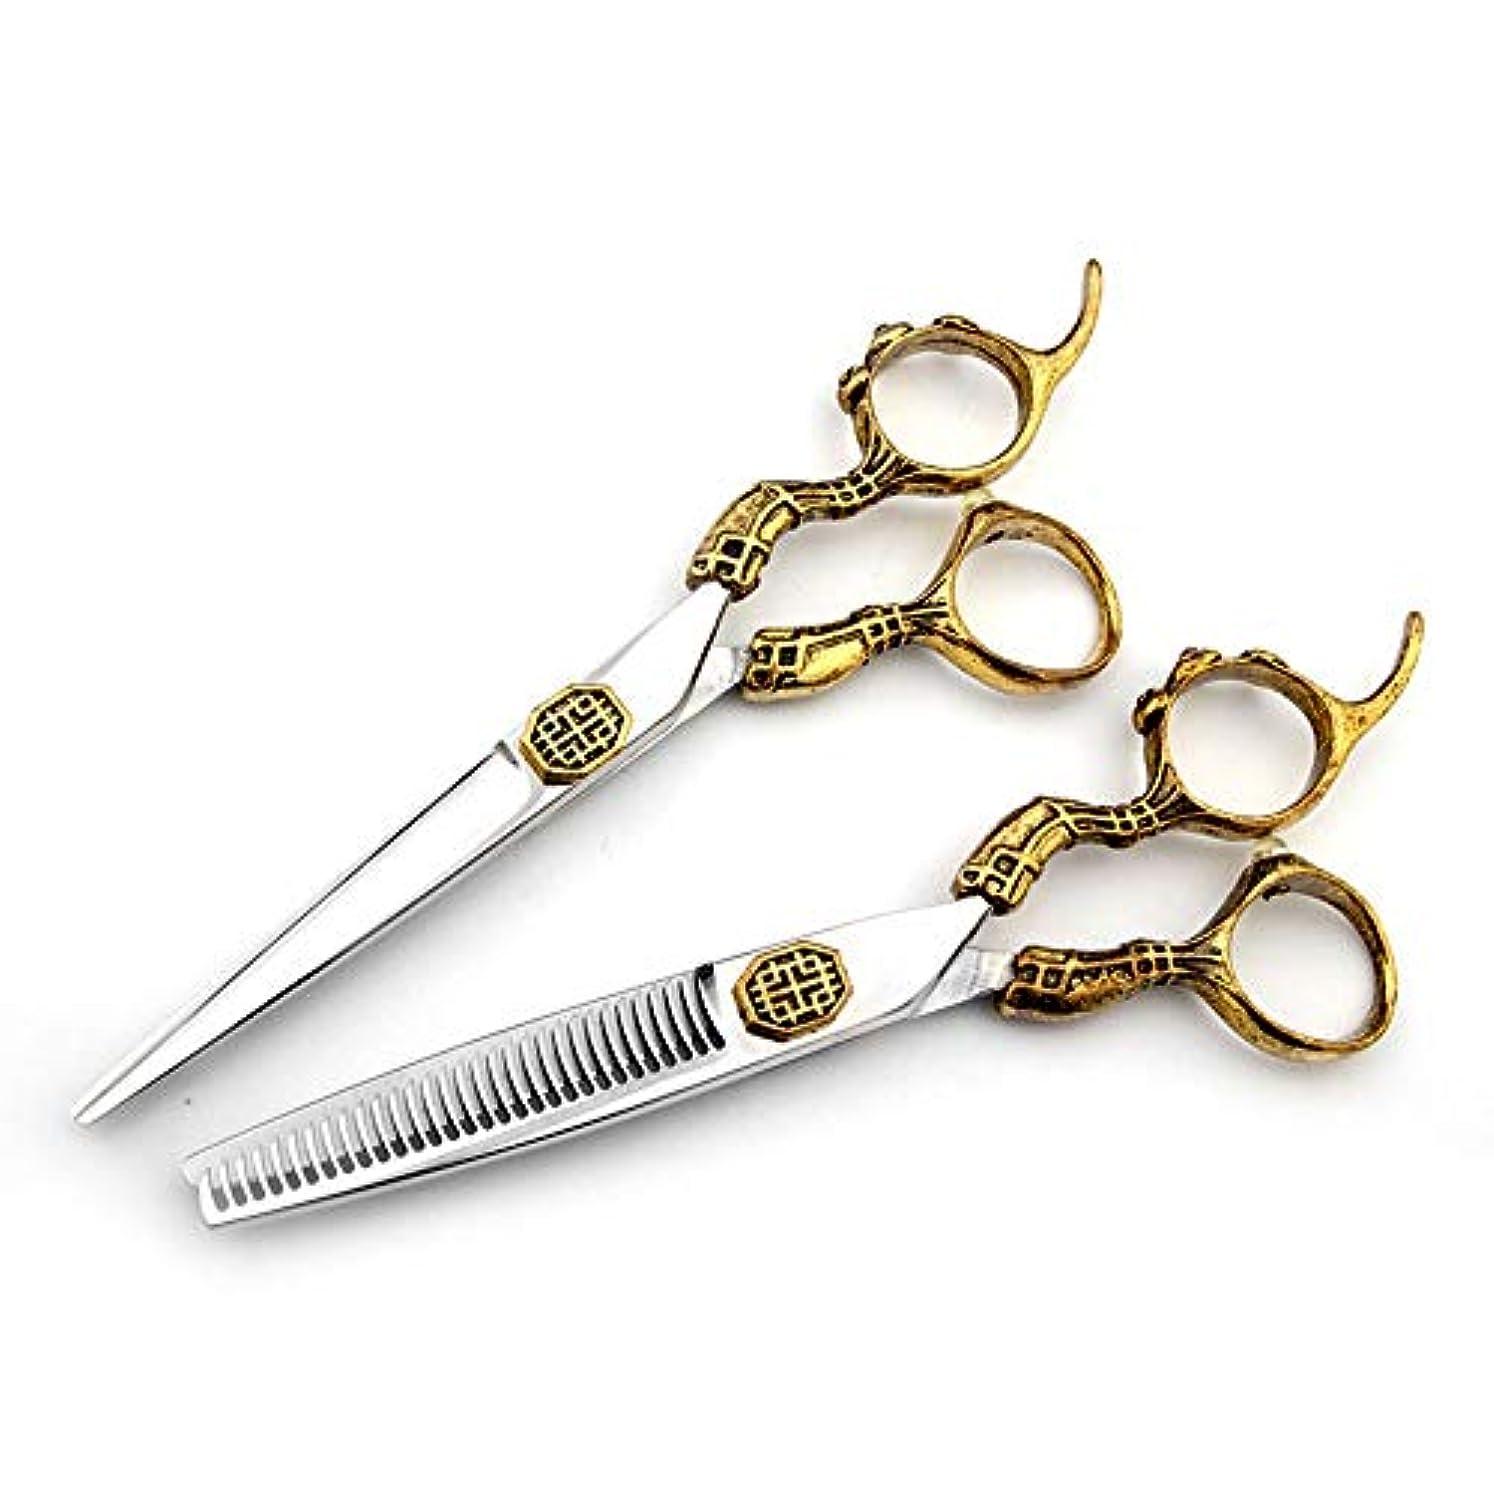 やりすぎ皮肉アーネストシャクルトン6インチ美容院プロのヘアカットゴールド高級フラットシザー+歯せん断ツールセット モデリングツール (色 : ゴールド)